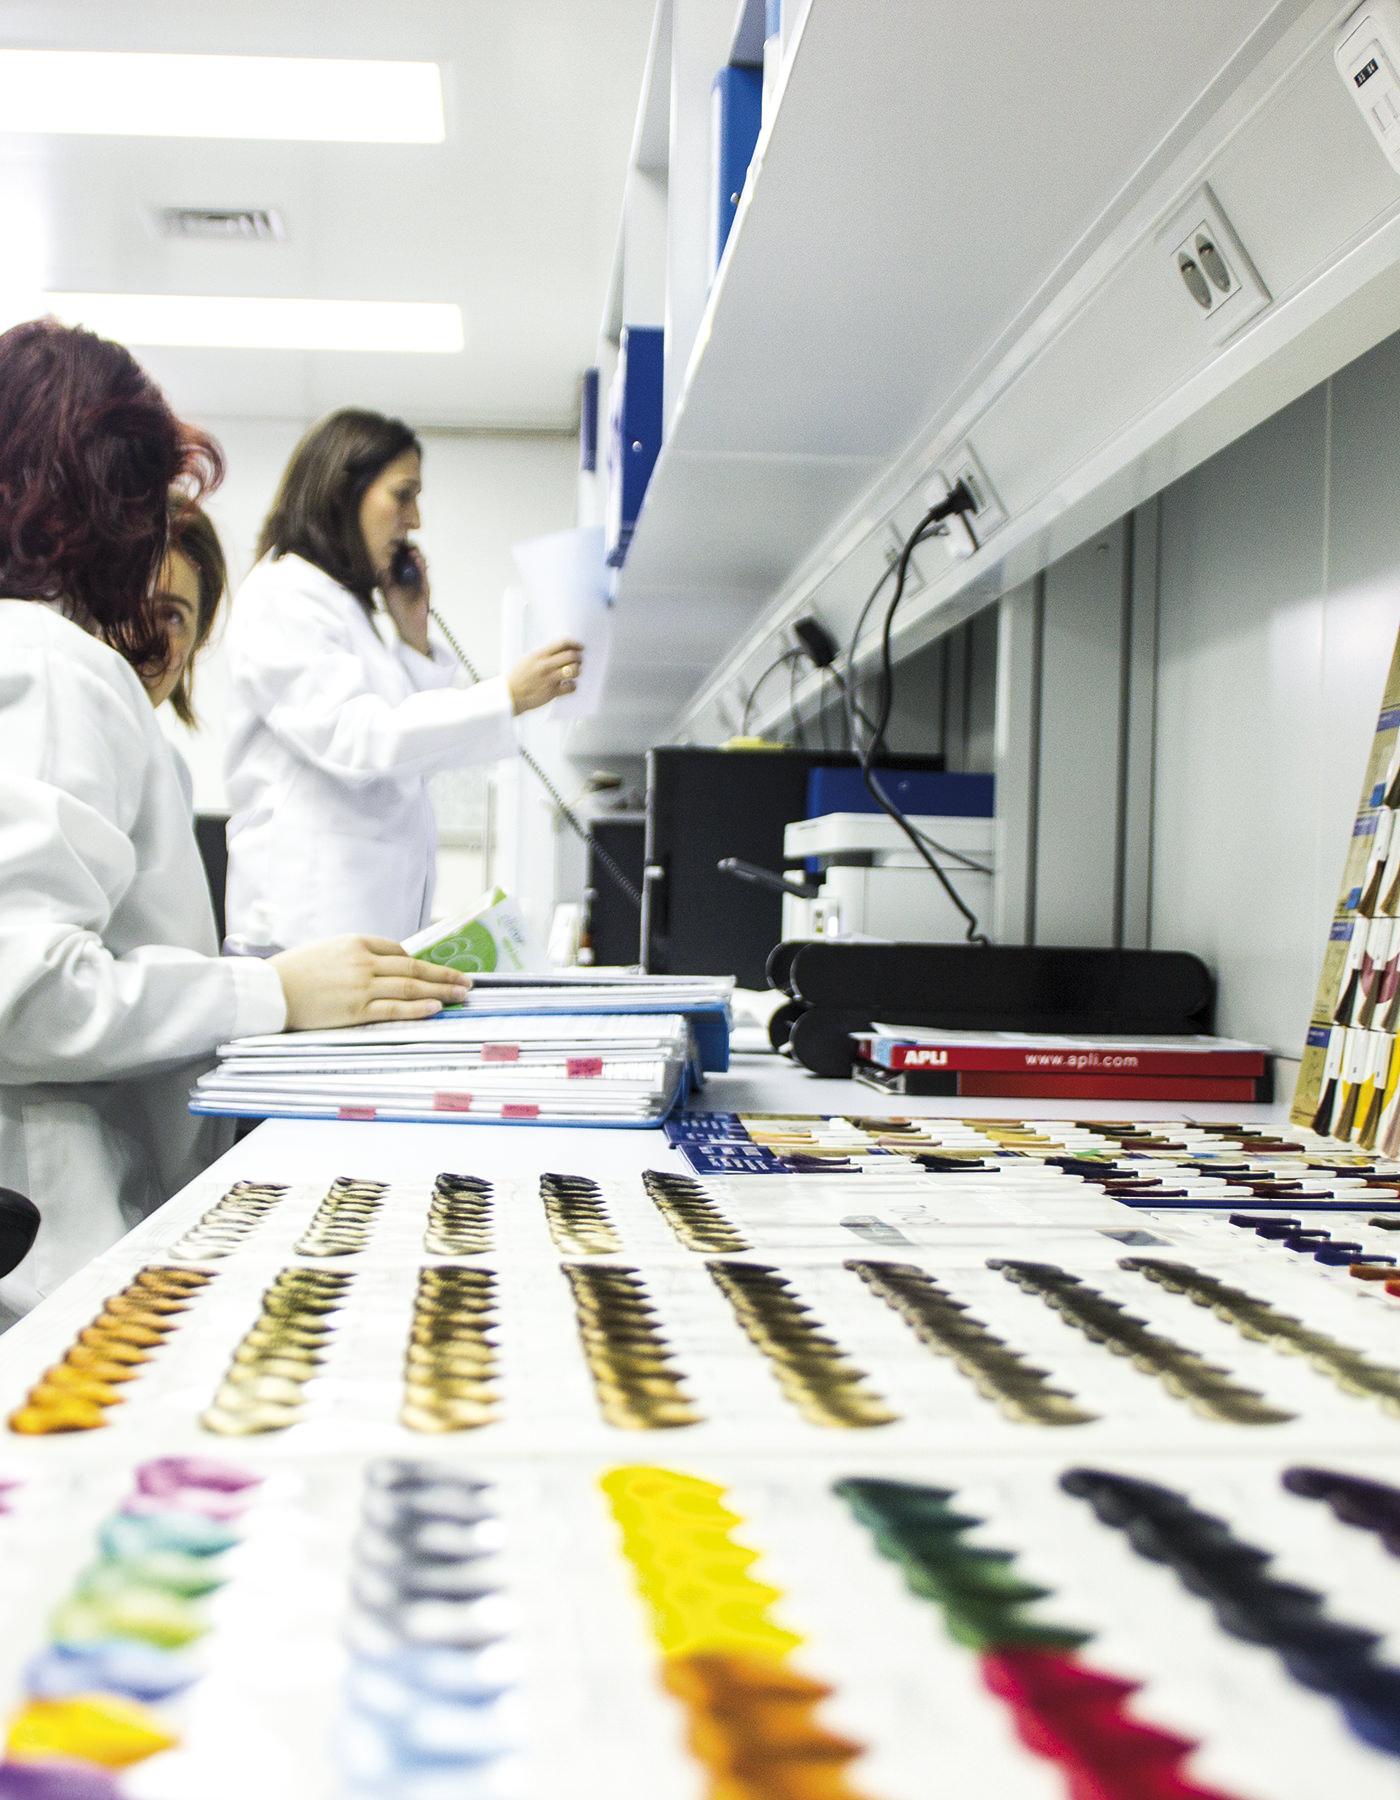 Laboratorio phergal especializado dermocosmetica